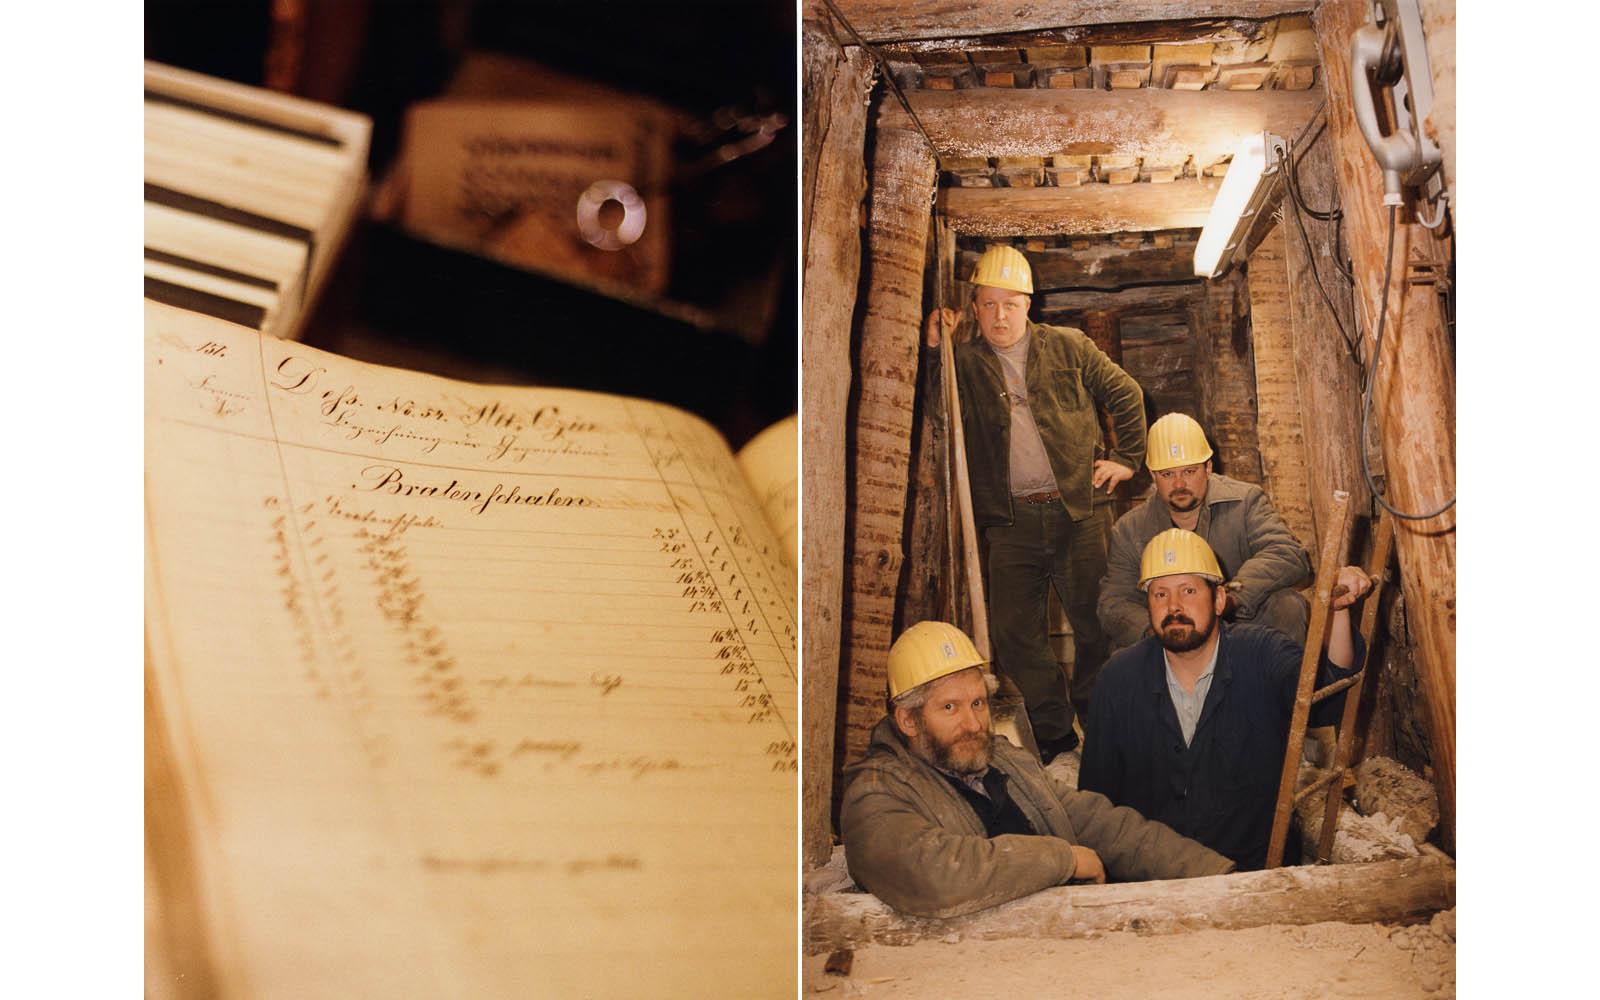 Das Archiv der Meissener Porzellanmanufaktur, Bergwerk für Kaolin in der Nähe von Meissen